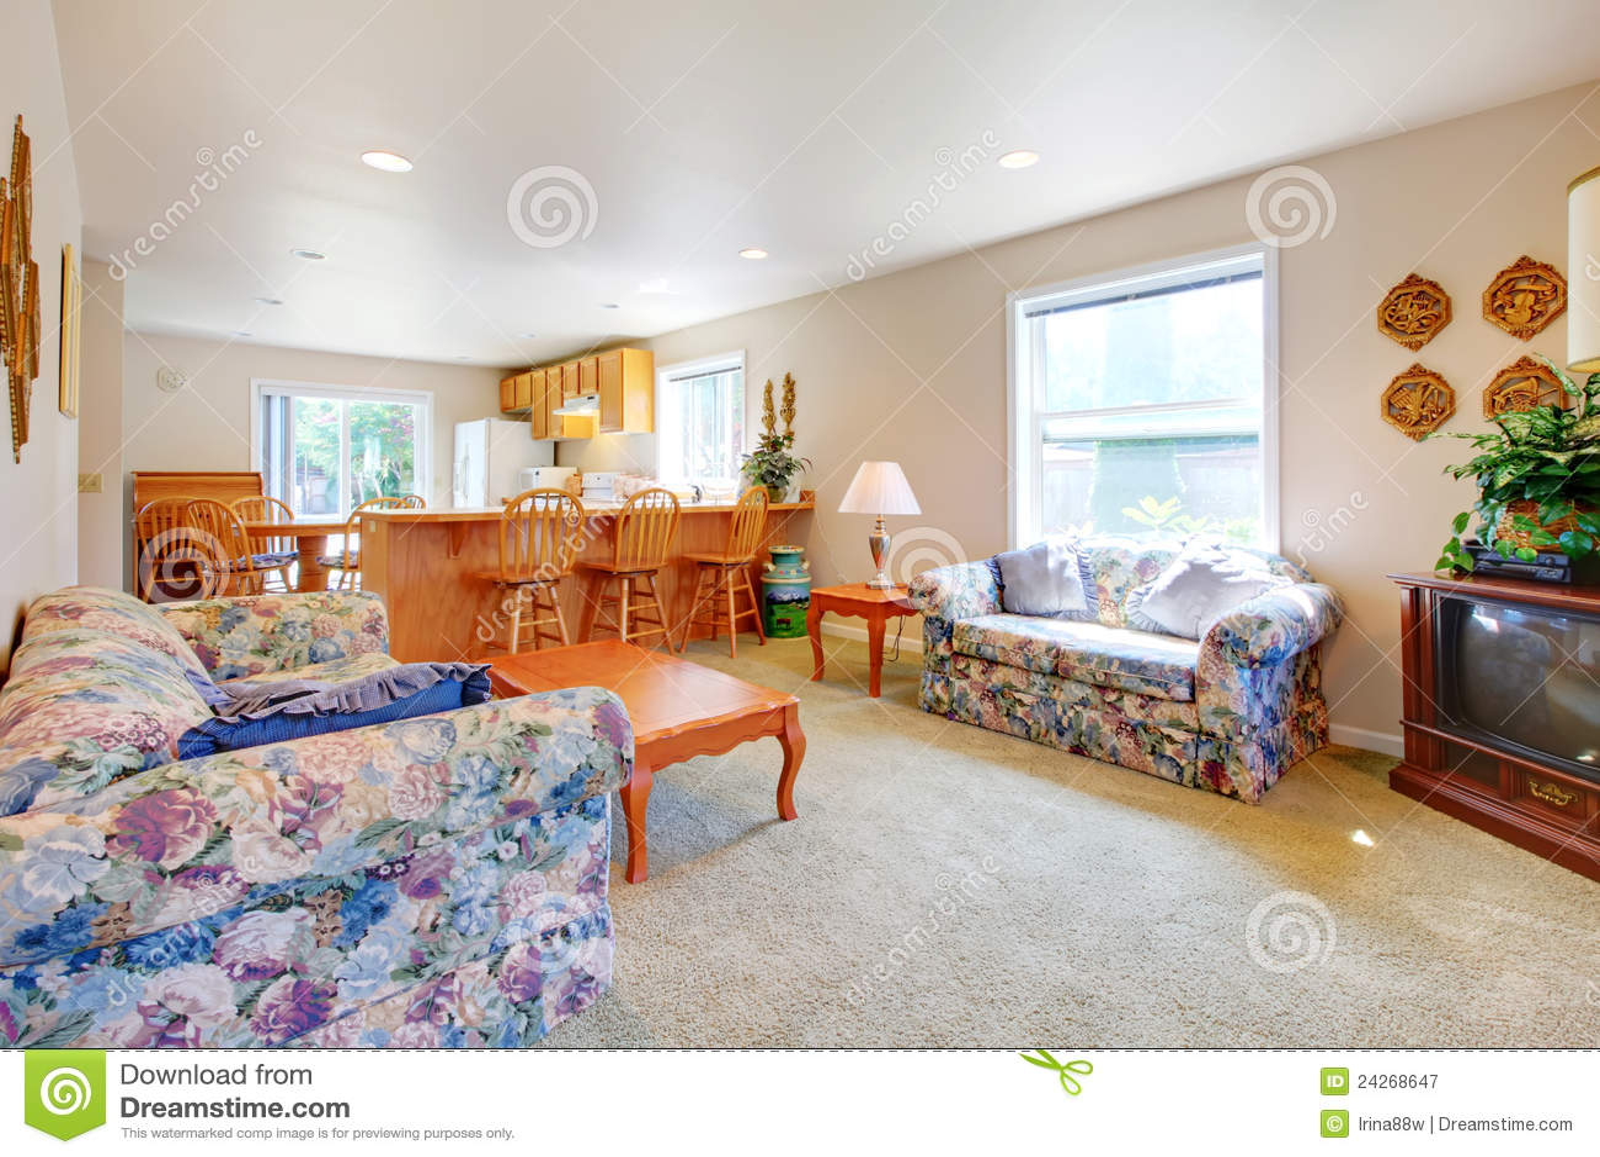 Einfaches Langes Wohnzimmer Mit Küche Und Alten Sofas. Stockbild ...